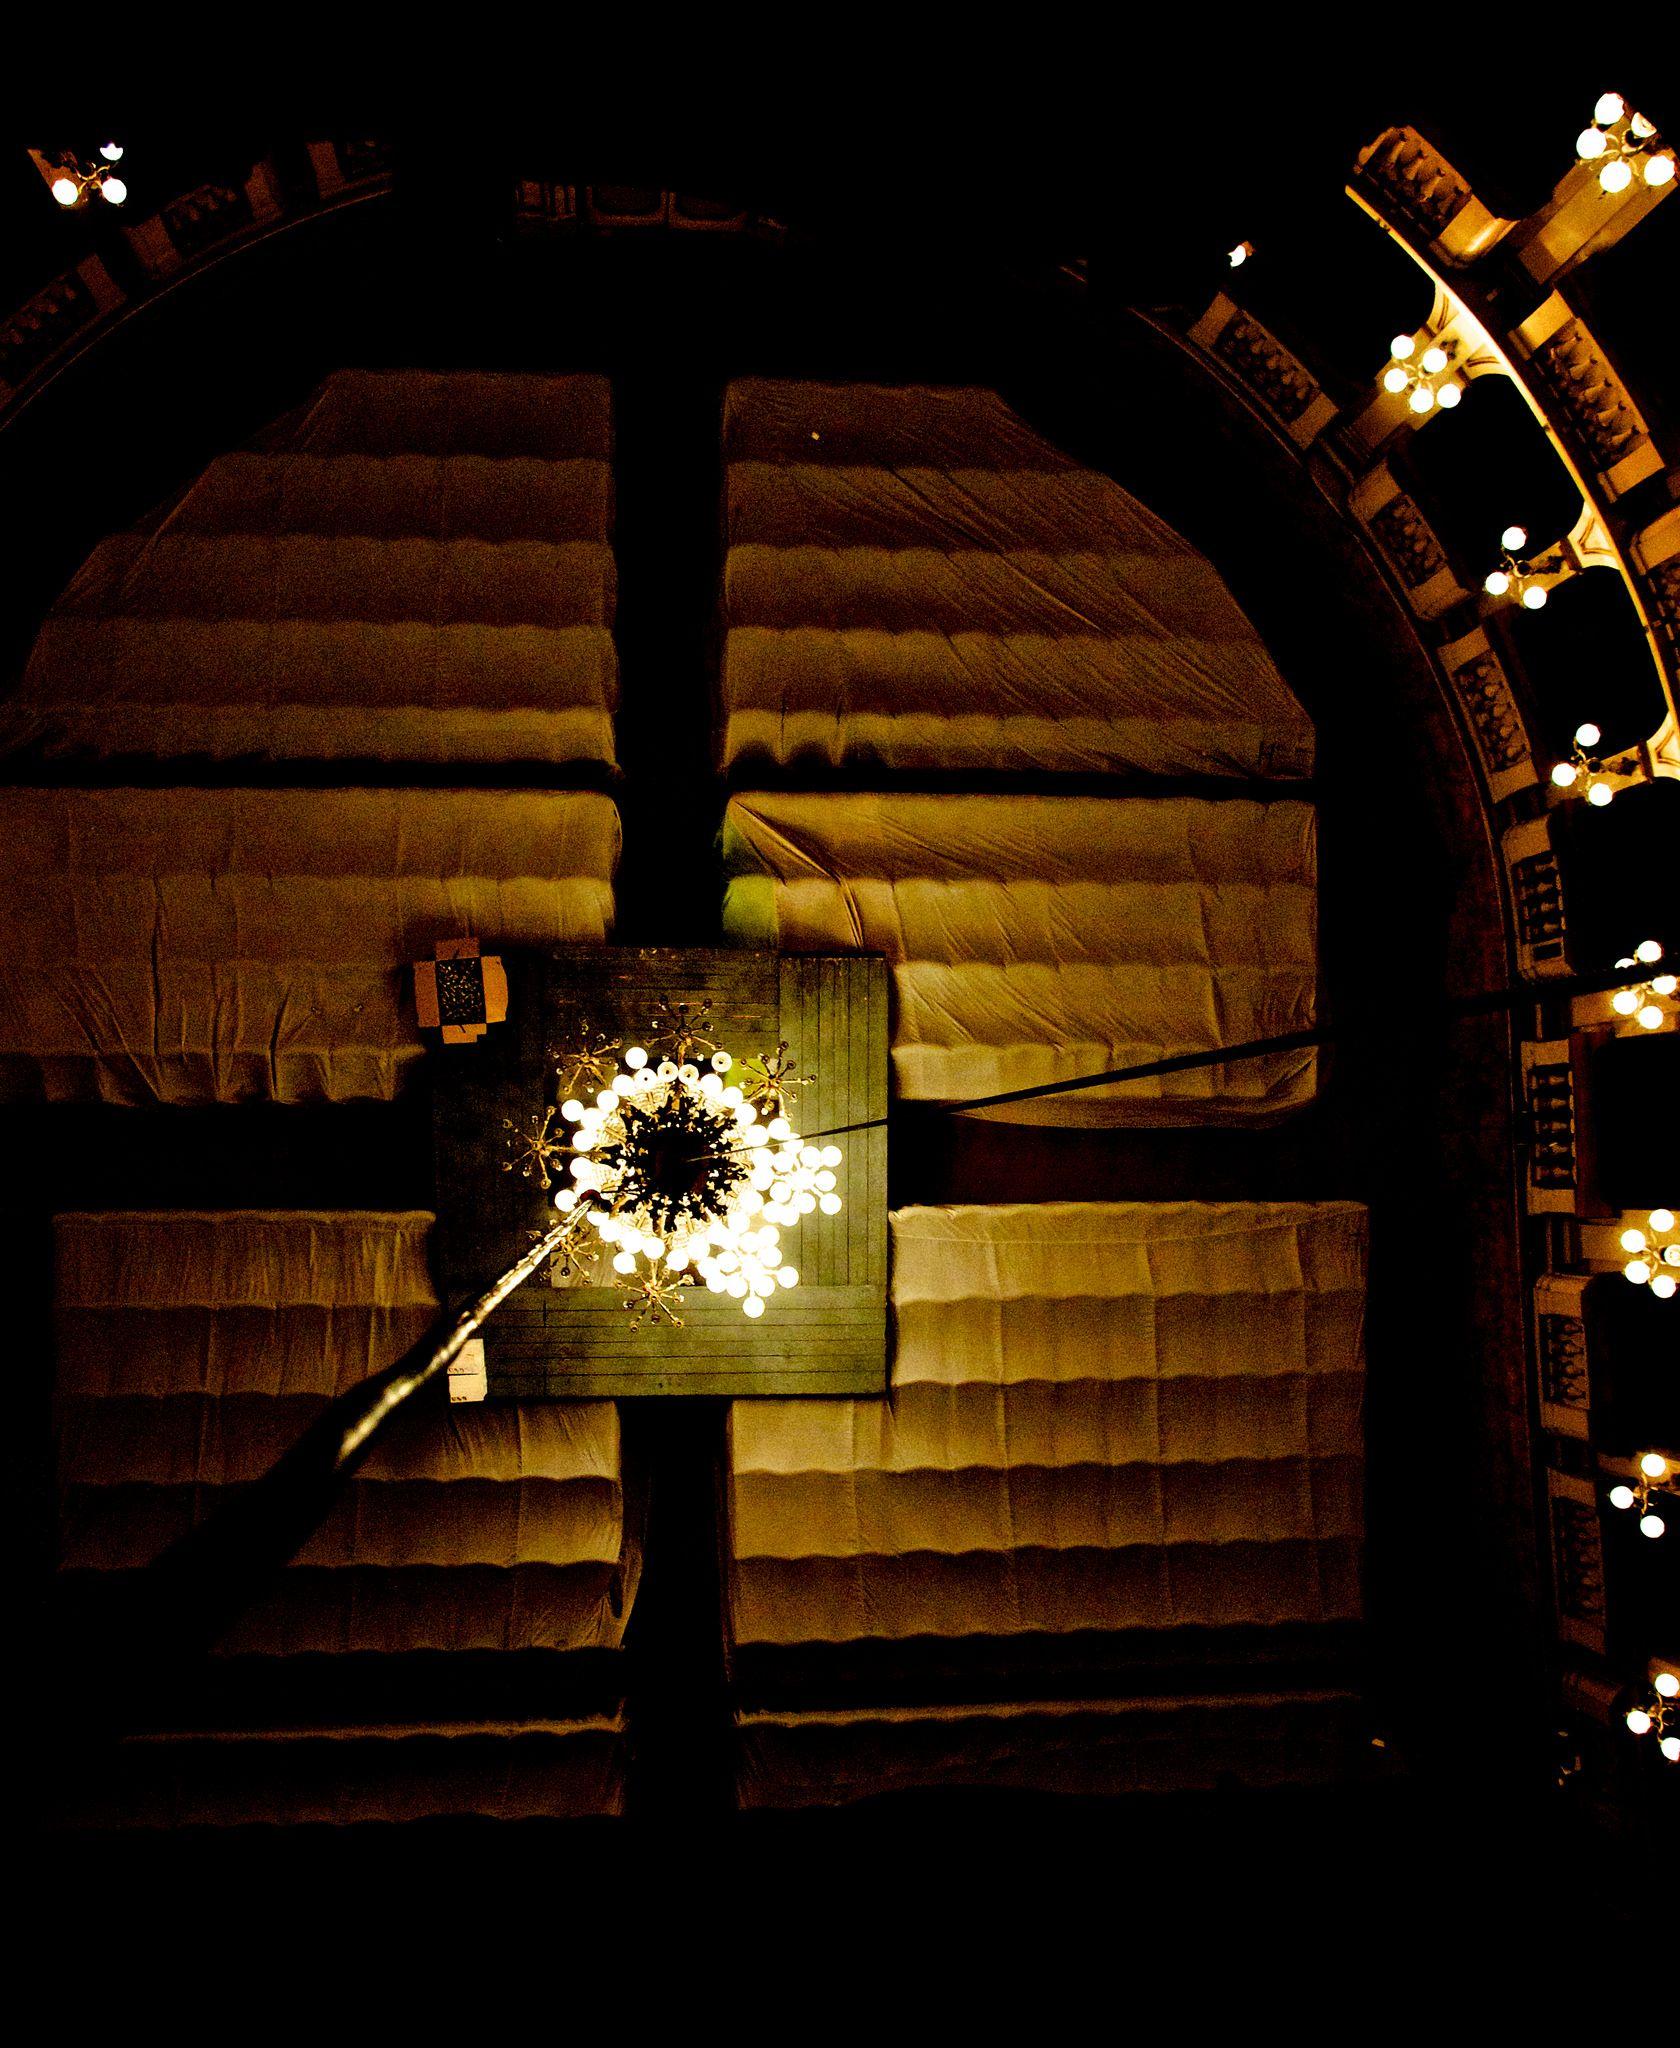 """https://flic.kr/p/oXMc4n   Teatro Comunale di Bologna   Lavori di manutenzione al lampadario centrale. In questa occasione il lampadario viene abbassato a livello platea, vengono lavate tutte le coppette in cristallo e sostituite tutte le lampadine.  Questa foto è stata ripresa dalla cosiddetta """"lumiera""""."""